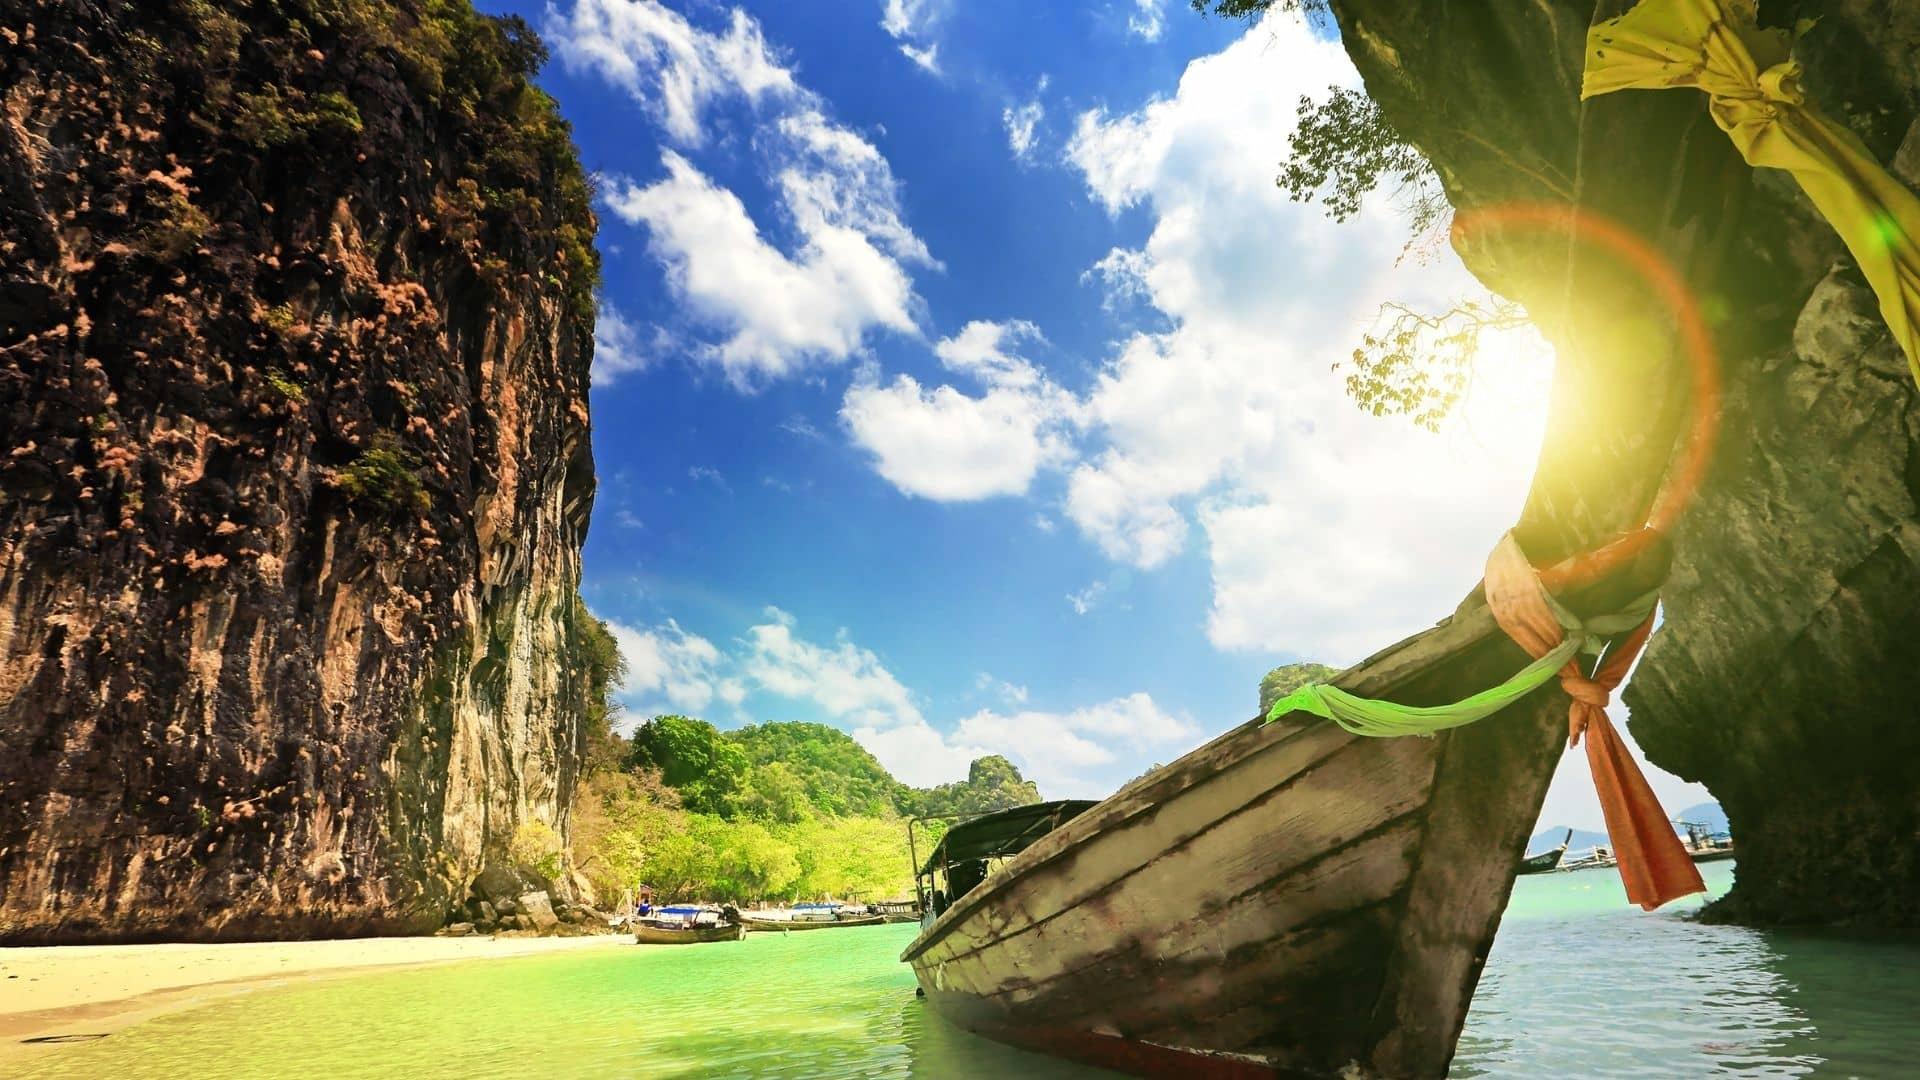 Railay en Krabi, una de las mejores playas de Asia